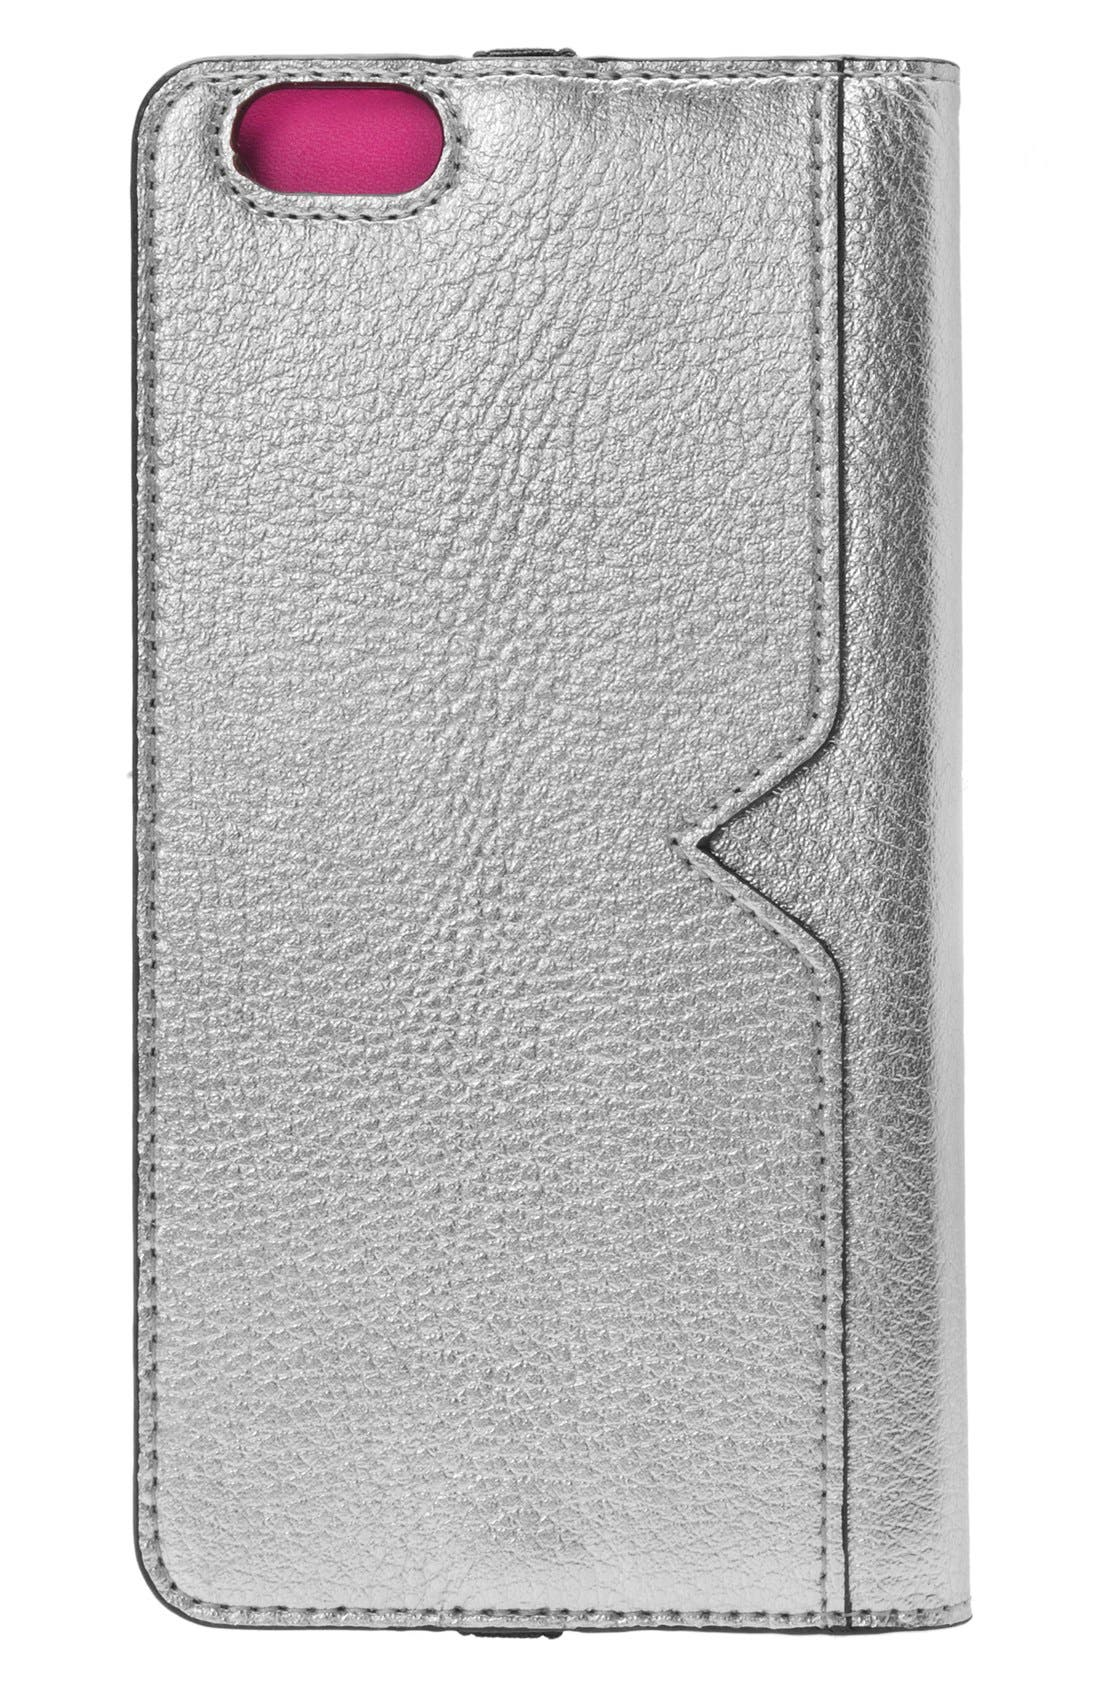 Phone Keys Wallet Rug